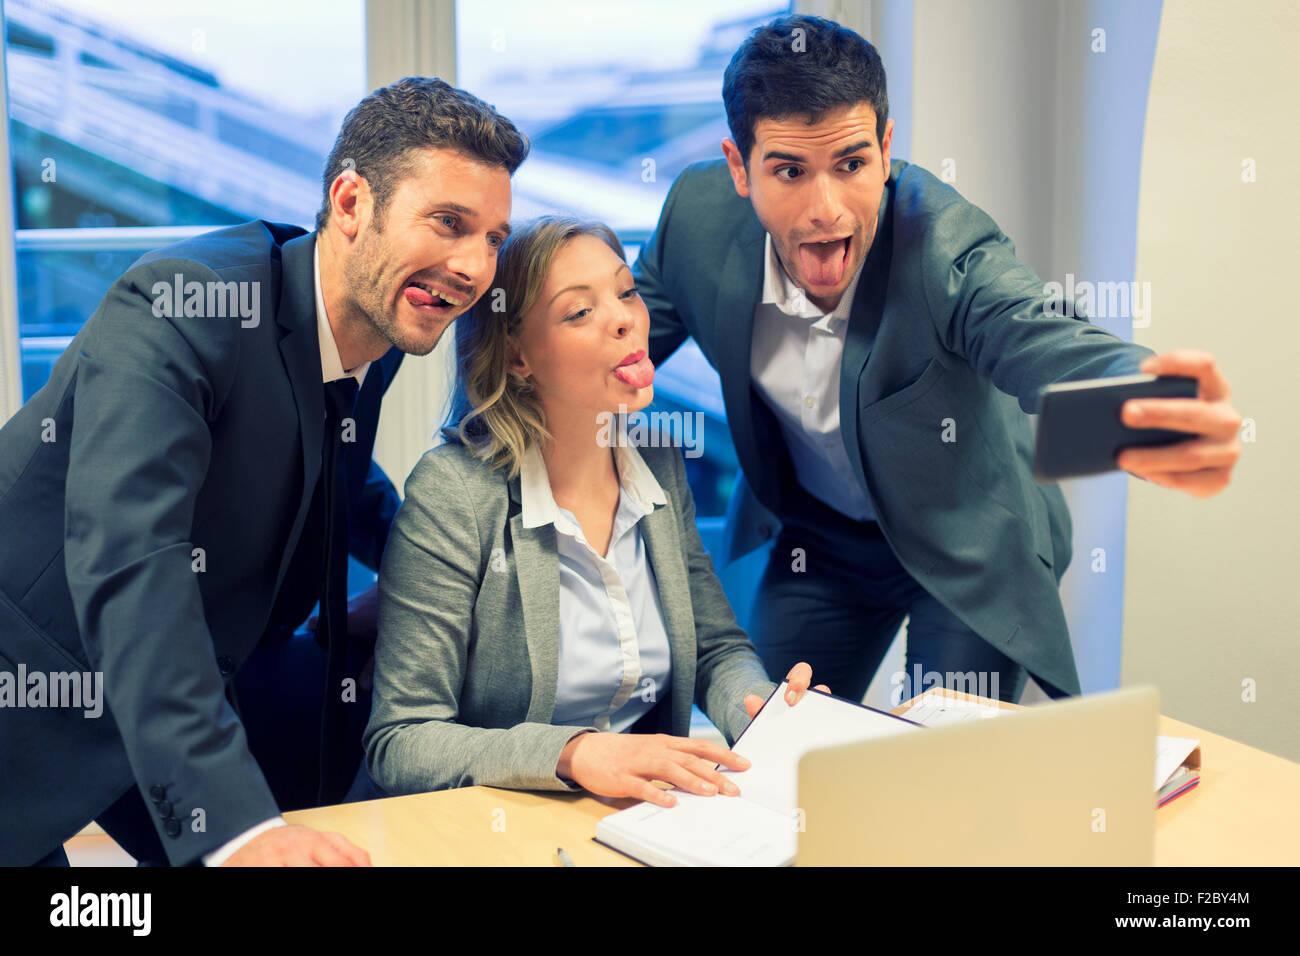 Portrait de trois personnes faisant des grimaces tout en tenant un smartphone avec selfies Banque D'Images